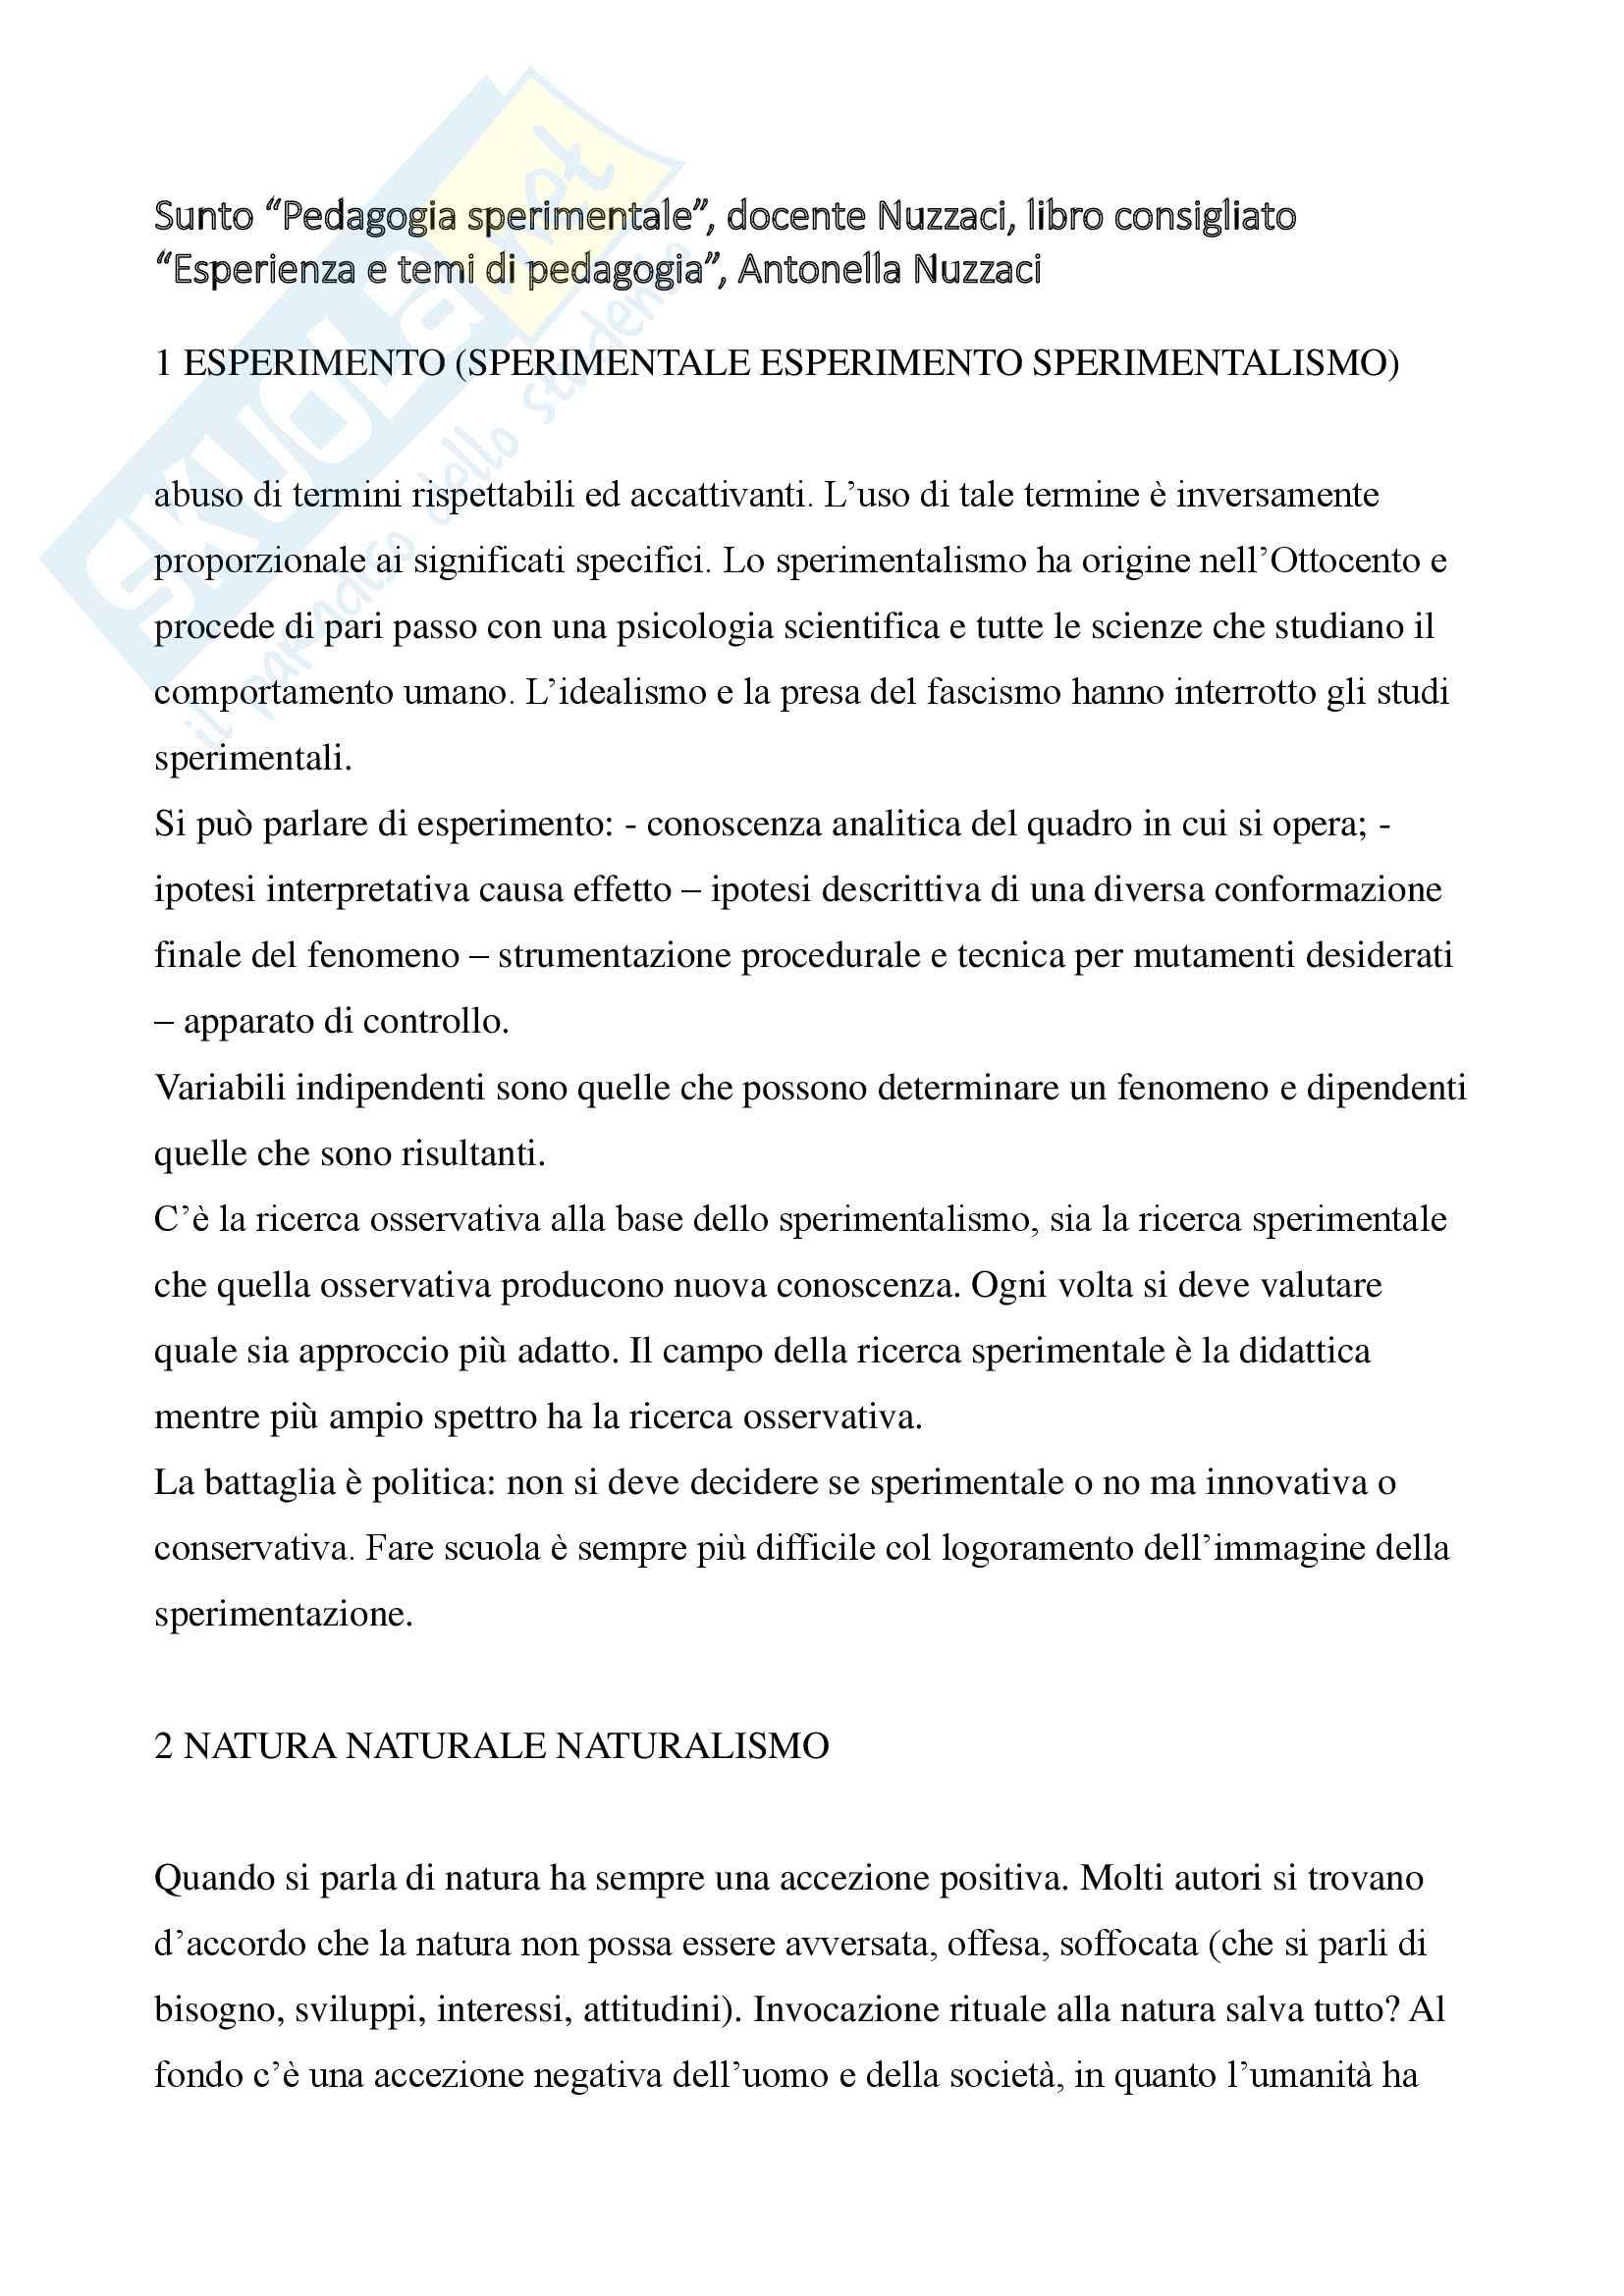 """Riassunto esame """"Pedagogia sperimentale"""", docente Nuzzaci, libro consigliato """"Esperienza e temi di pedagogia"""", Nuzzaci Antonella"""